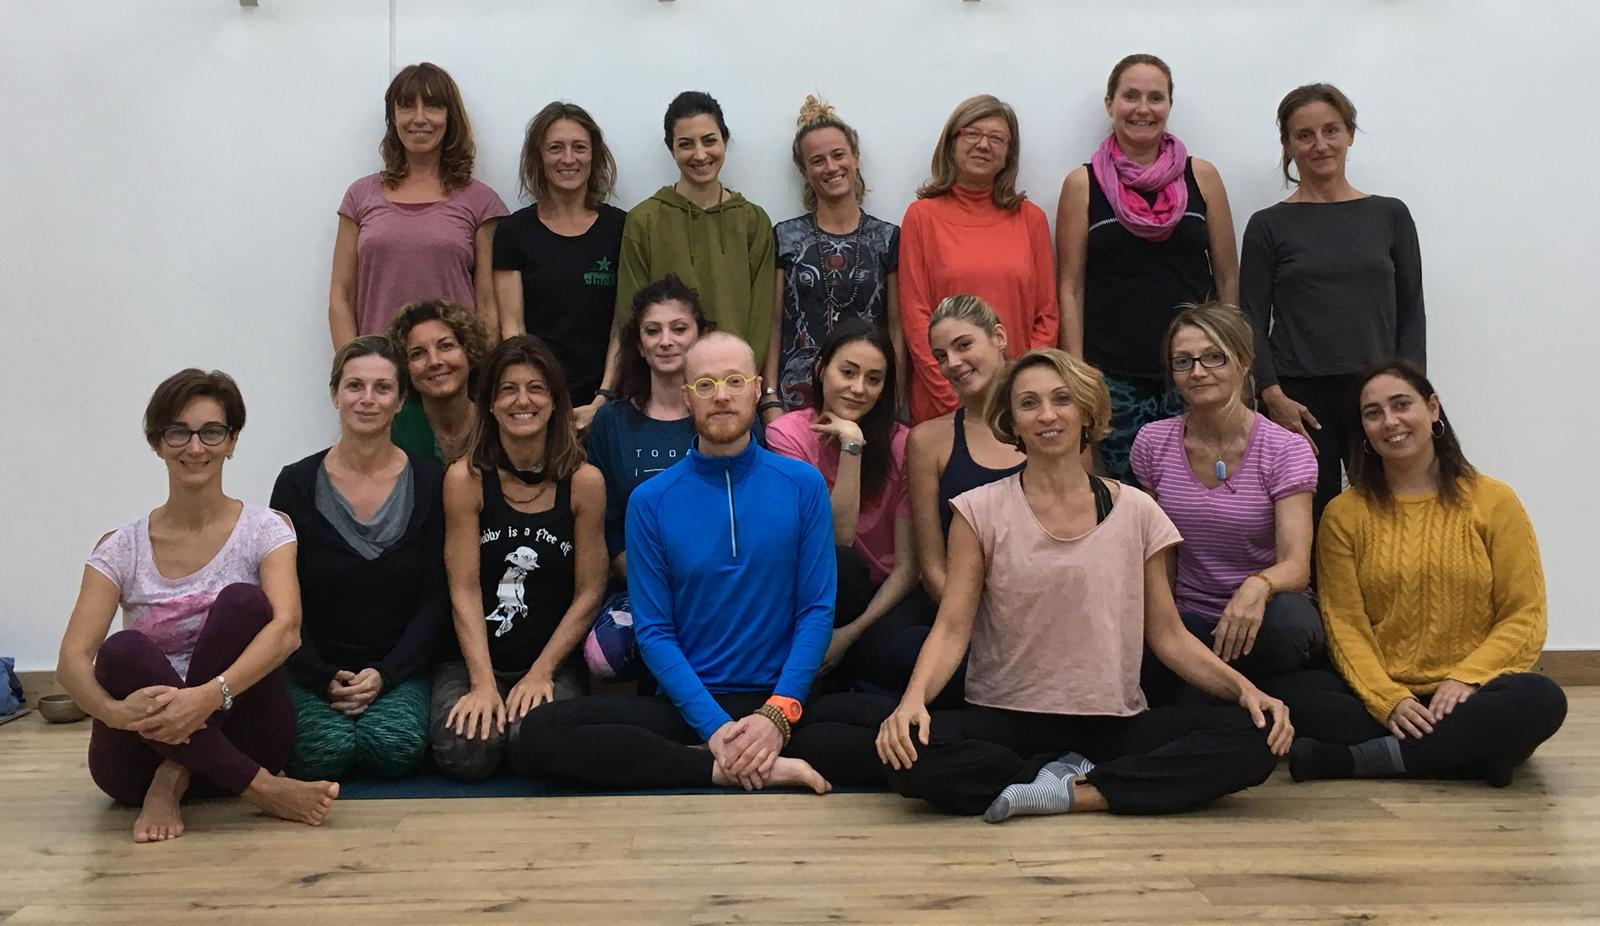 yin yoga 1&2 (200hrs) - INNER REVOLUTION STUDIO, MILAN, ITALY